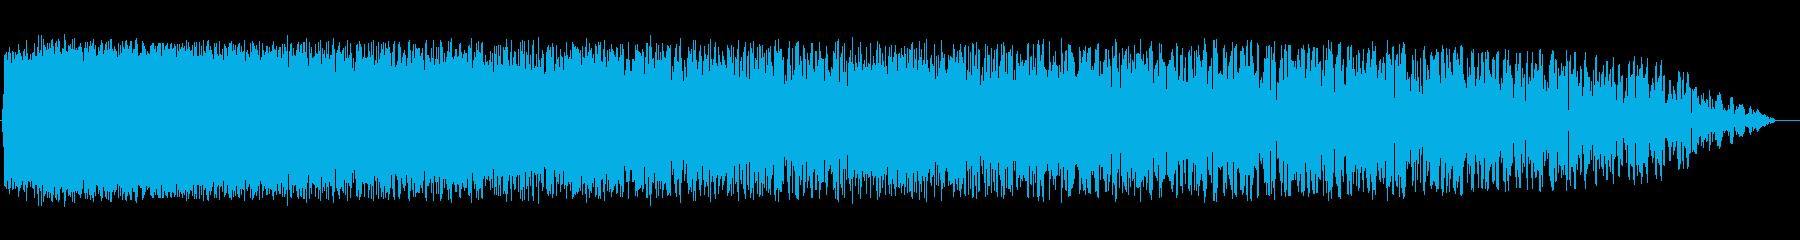 ピシャァーン(雷のような音)の再生済みの波形